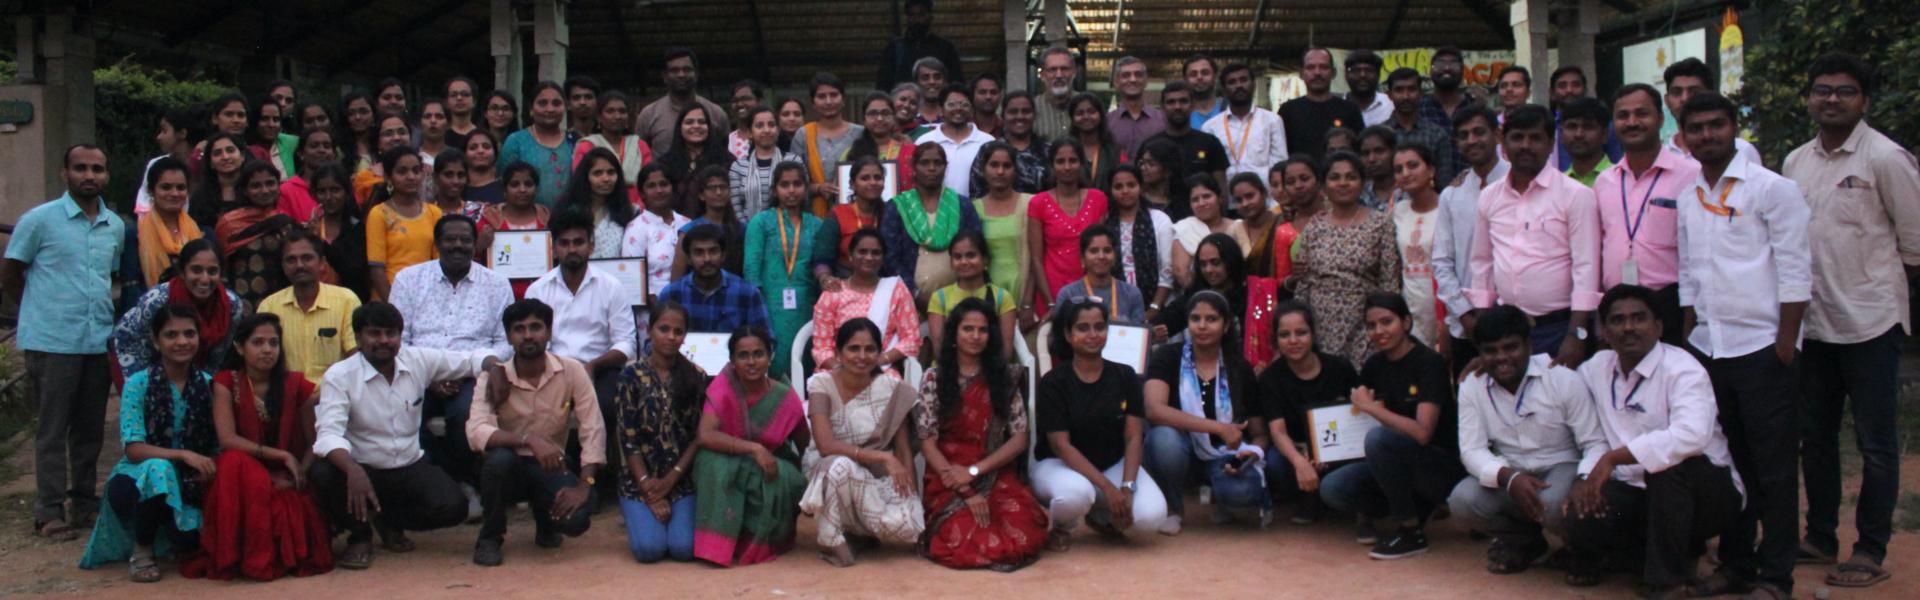 work with ngo - makkala jagriti